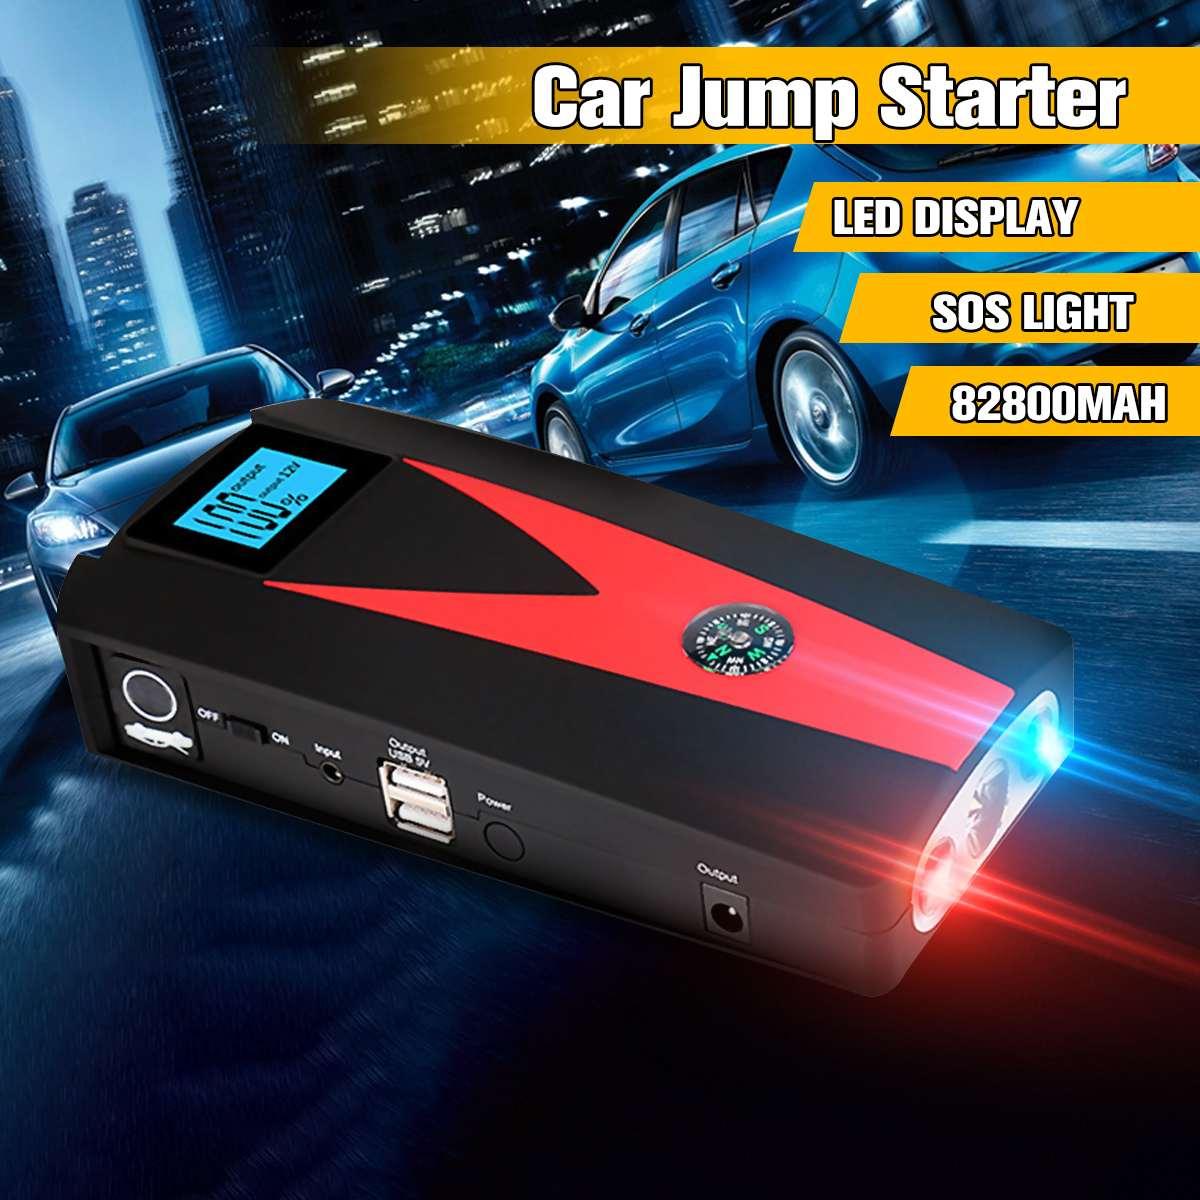 12 V 82800 mAh LED démarrage de voiture démarreur batterie externe Booster 2 USB chargeur batterie étanche voiture chargeur de batterie dispositif de démarrage